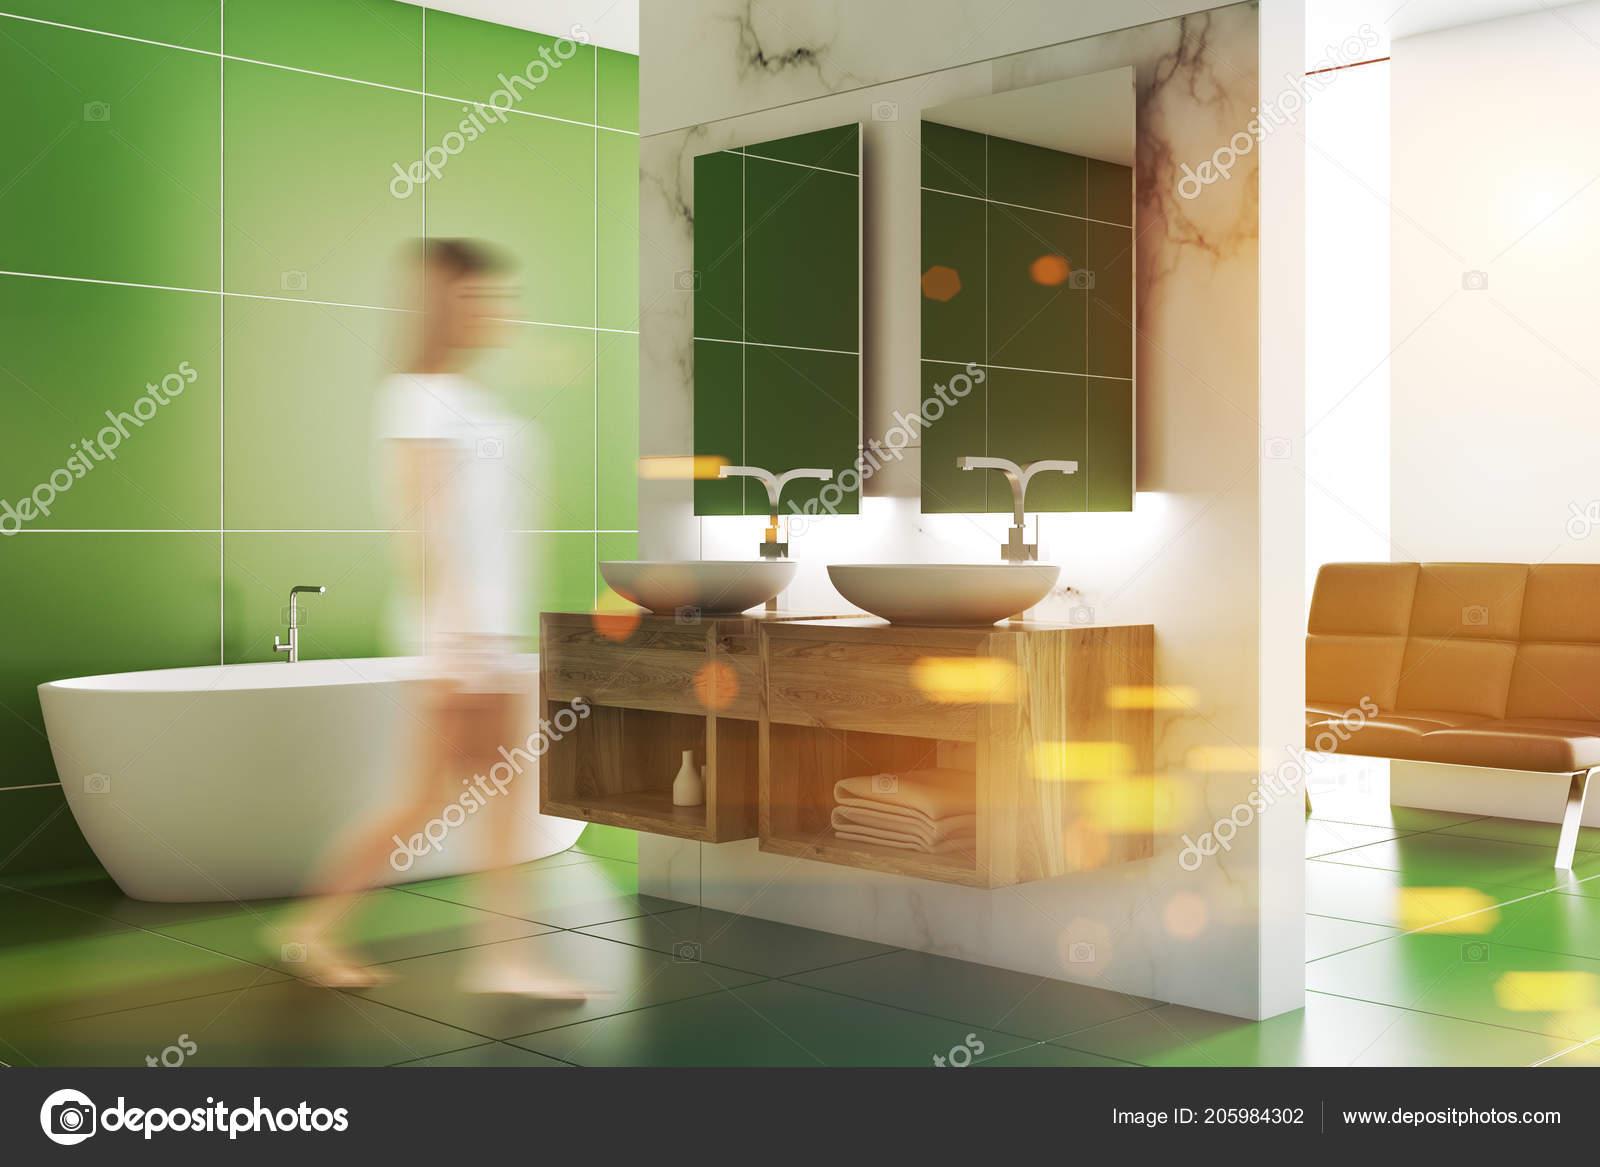 Woma Dans Décor Salle Bains Carrelage Vert Avec Blanc Evier ...